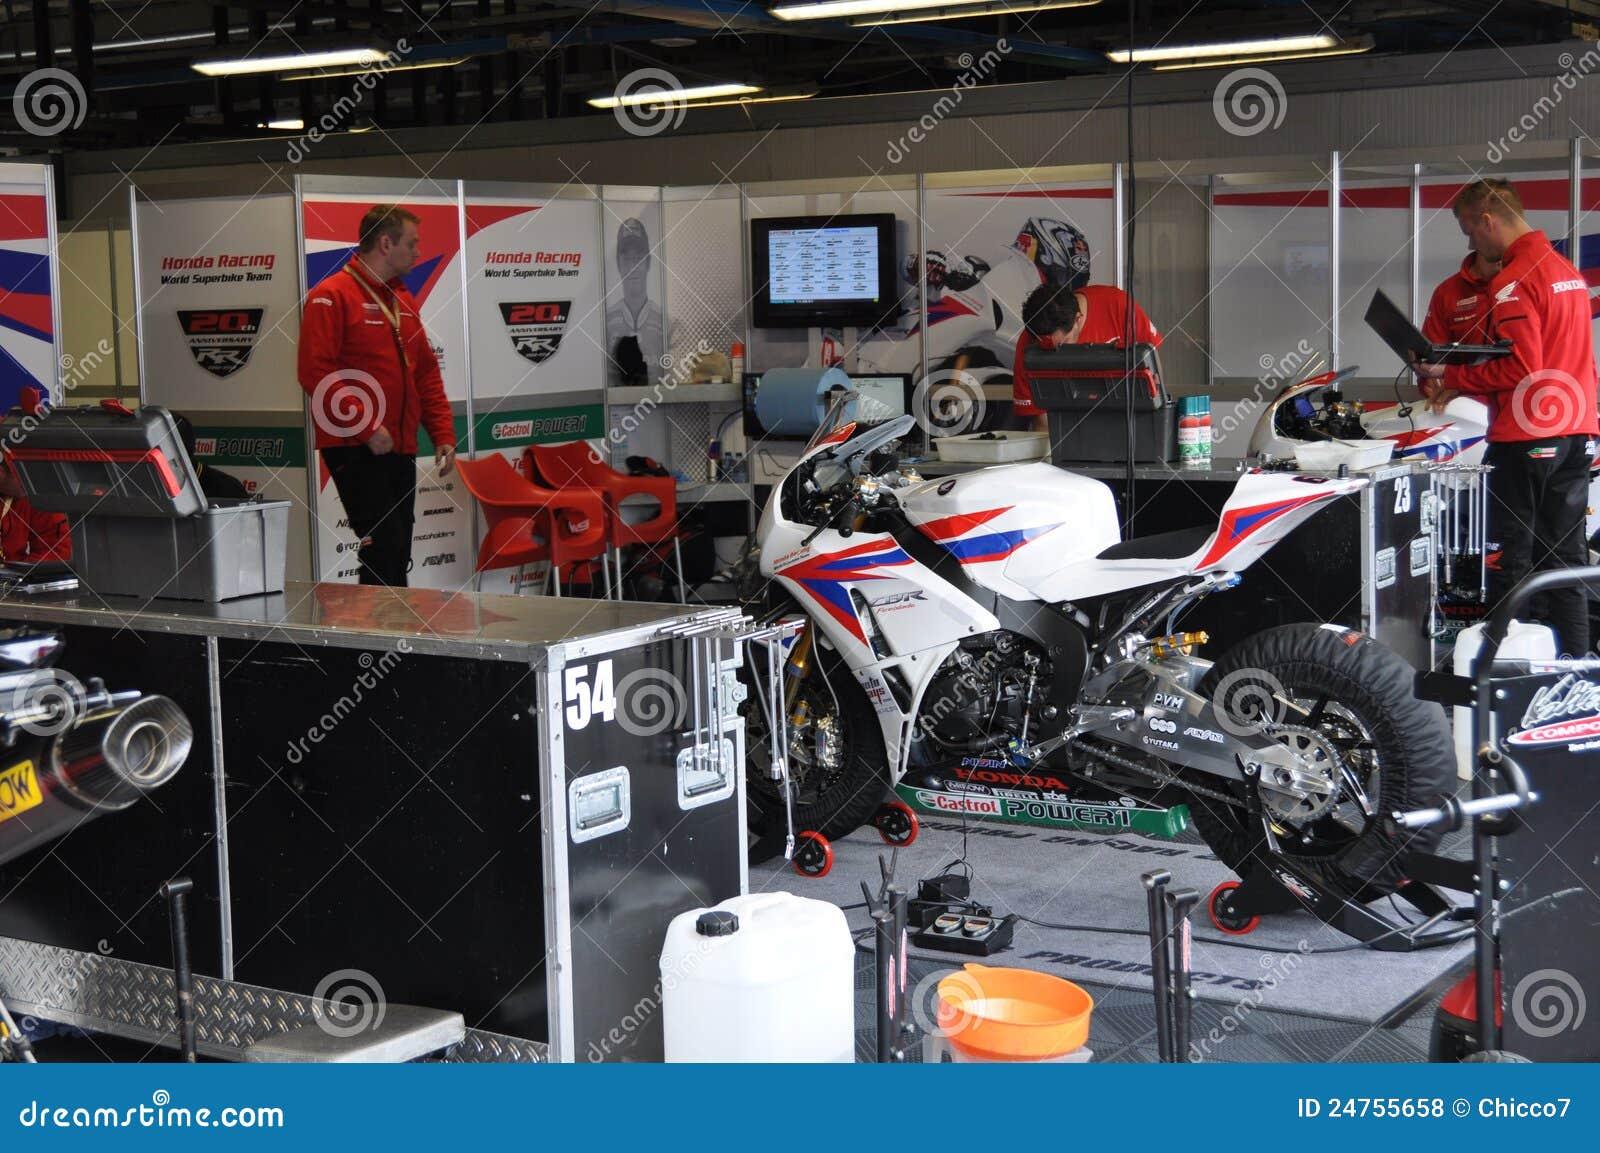 Monza 2012 - Honda Drużyna Bieżna Światowa Superbike